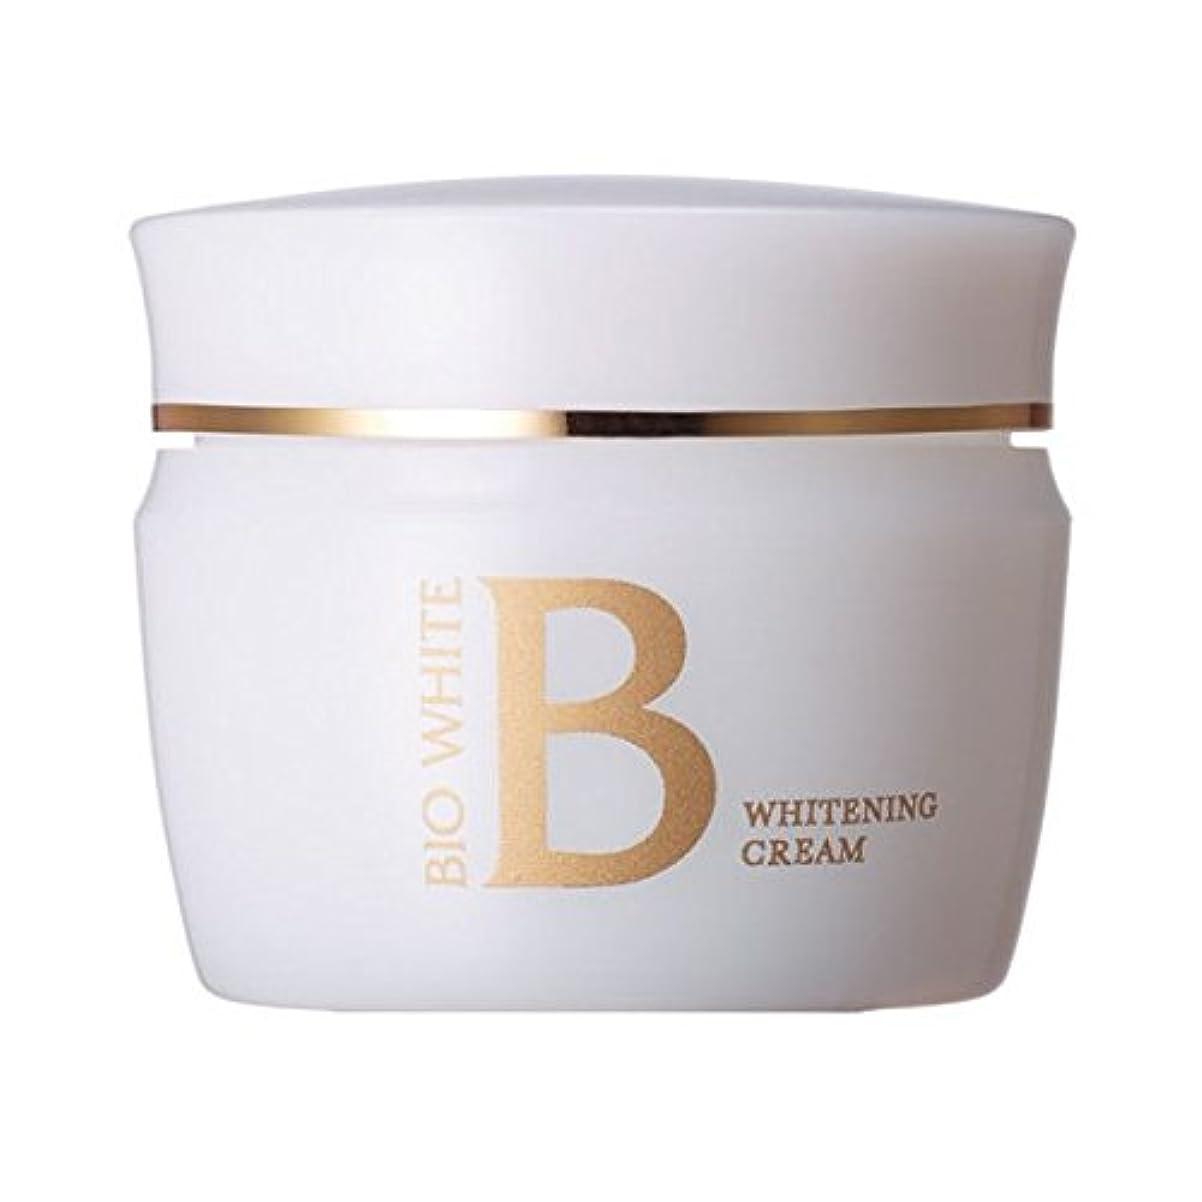 リスキーなカフェ要旨エビス化粧品(EBiS) ビーホワイトクリーム40g トラネキサム酸配合 美白クリーム フェイスクリーム